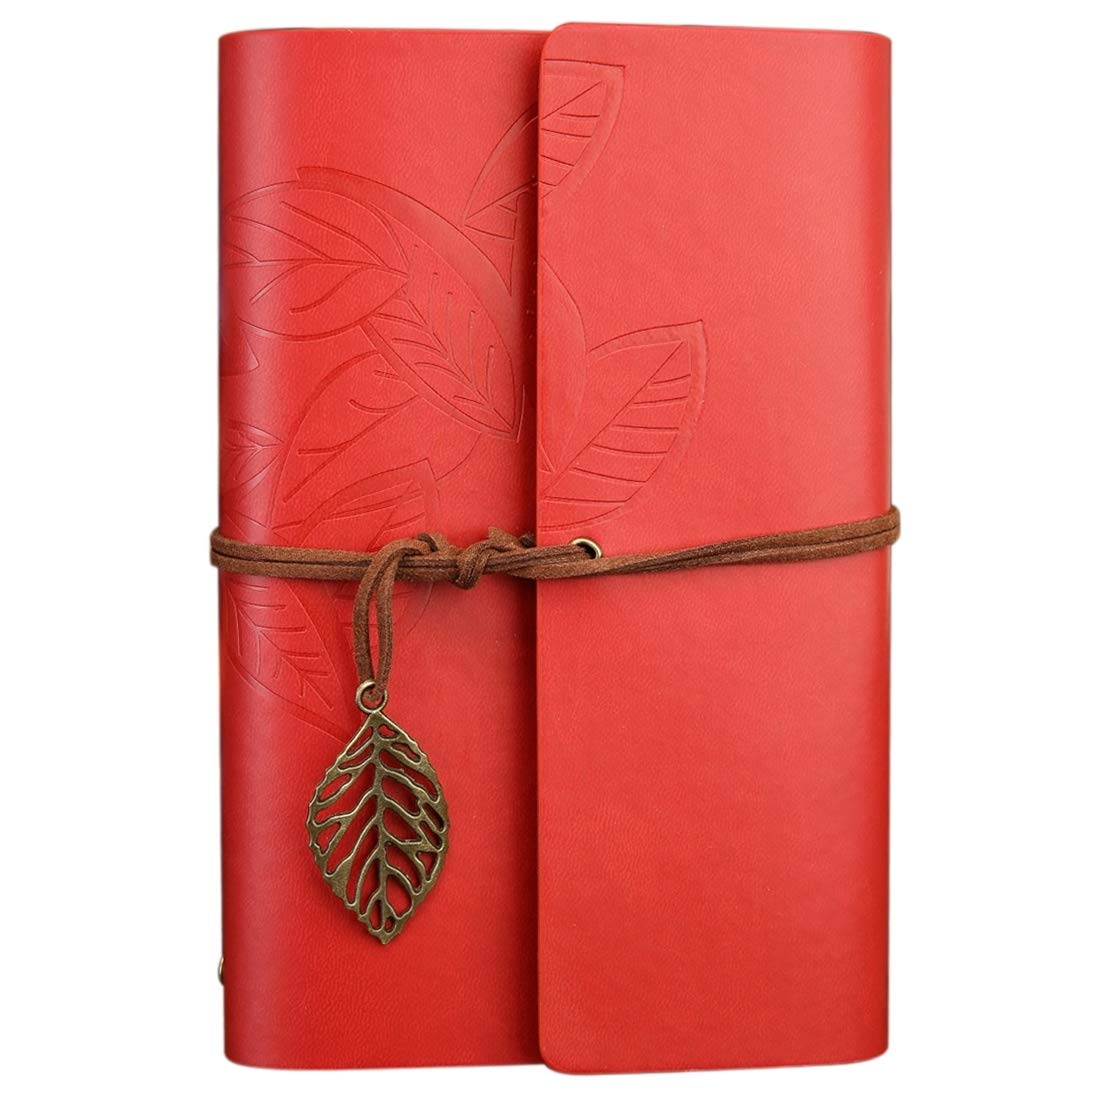 Hermoso Tamaño: S, Creativo de Retro Hojas de Creativo otoño Patrón Hojas Sueltas Cuaderno de Viaje Cuaderno Oficina (Color : Azul) 2198c0